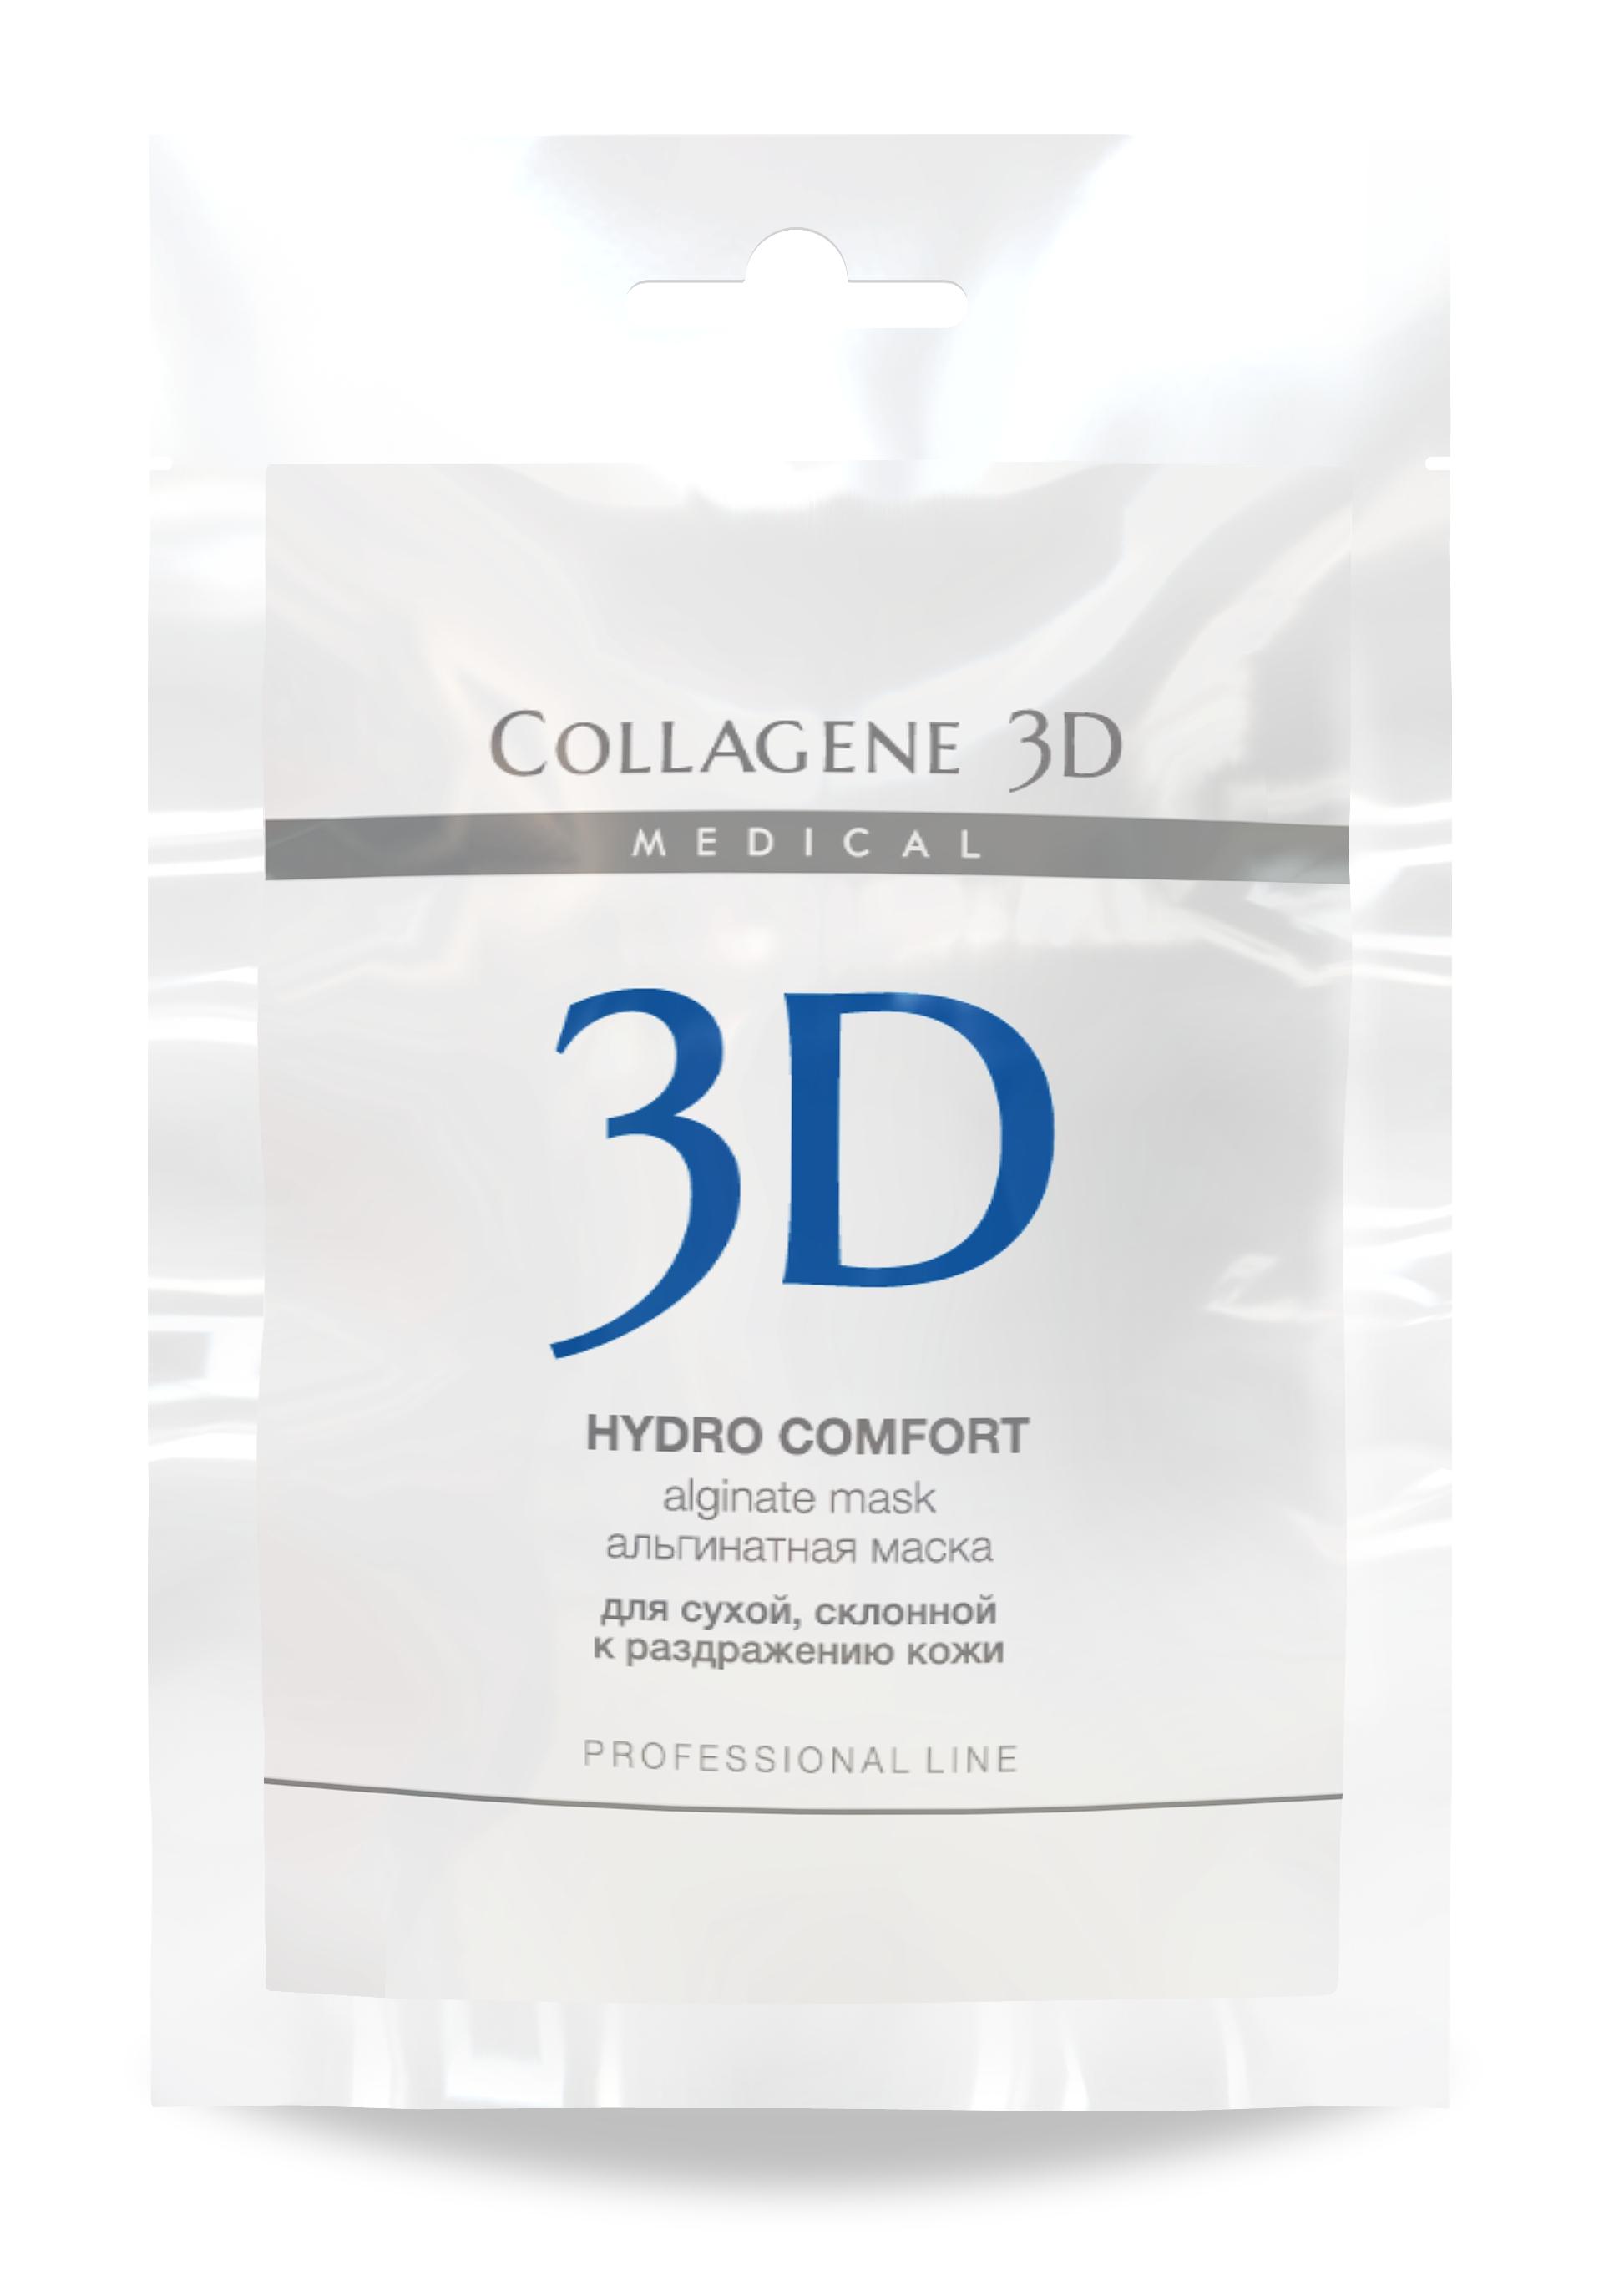 Купить MEDICAL COLLAGENE 3D Маска альгинатная с экстрактом алоэ вера для лица и тела / Hydro Comfort 30 г